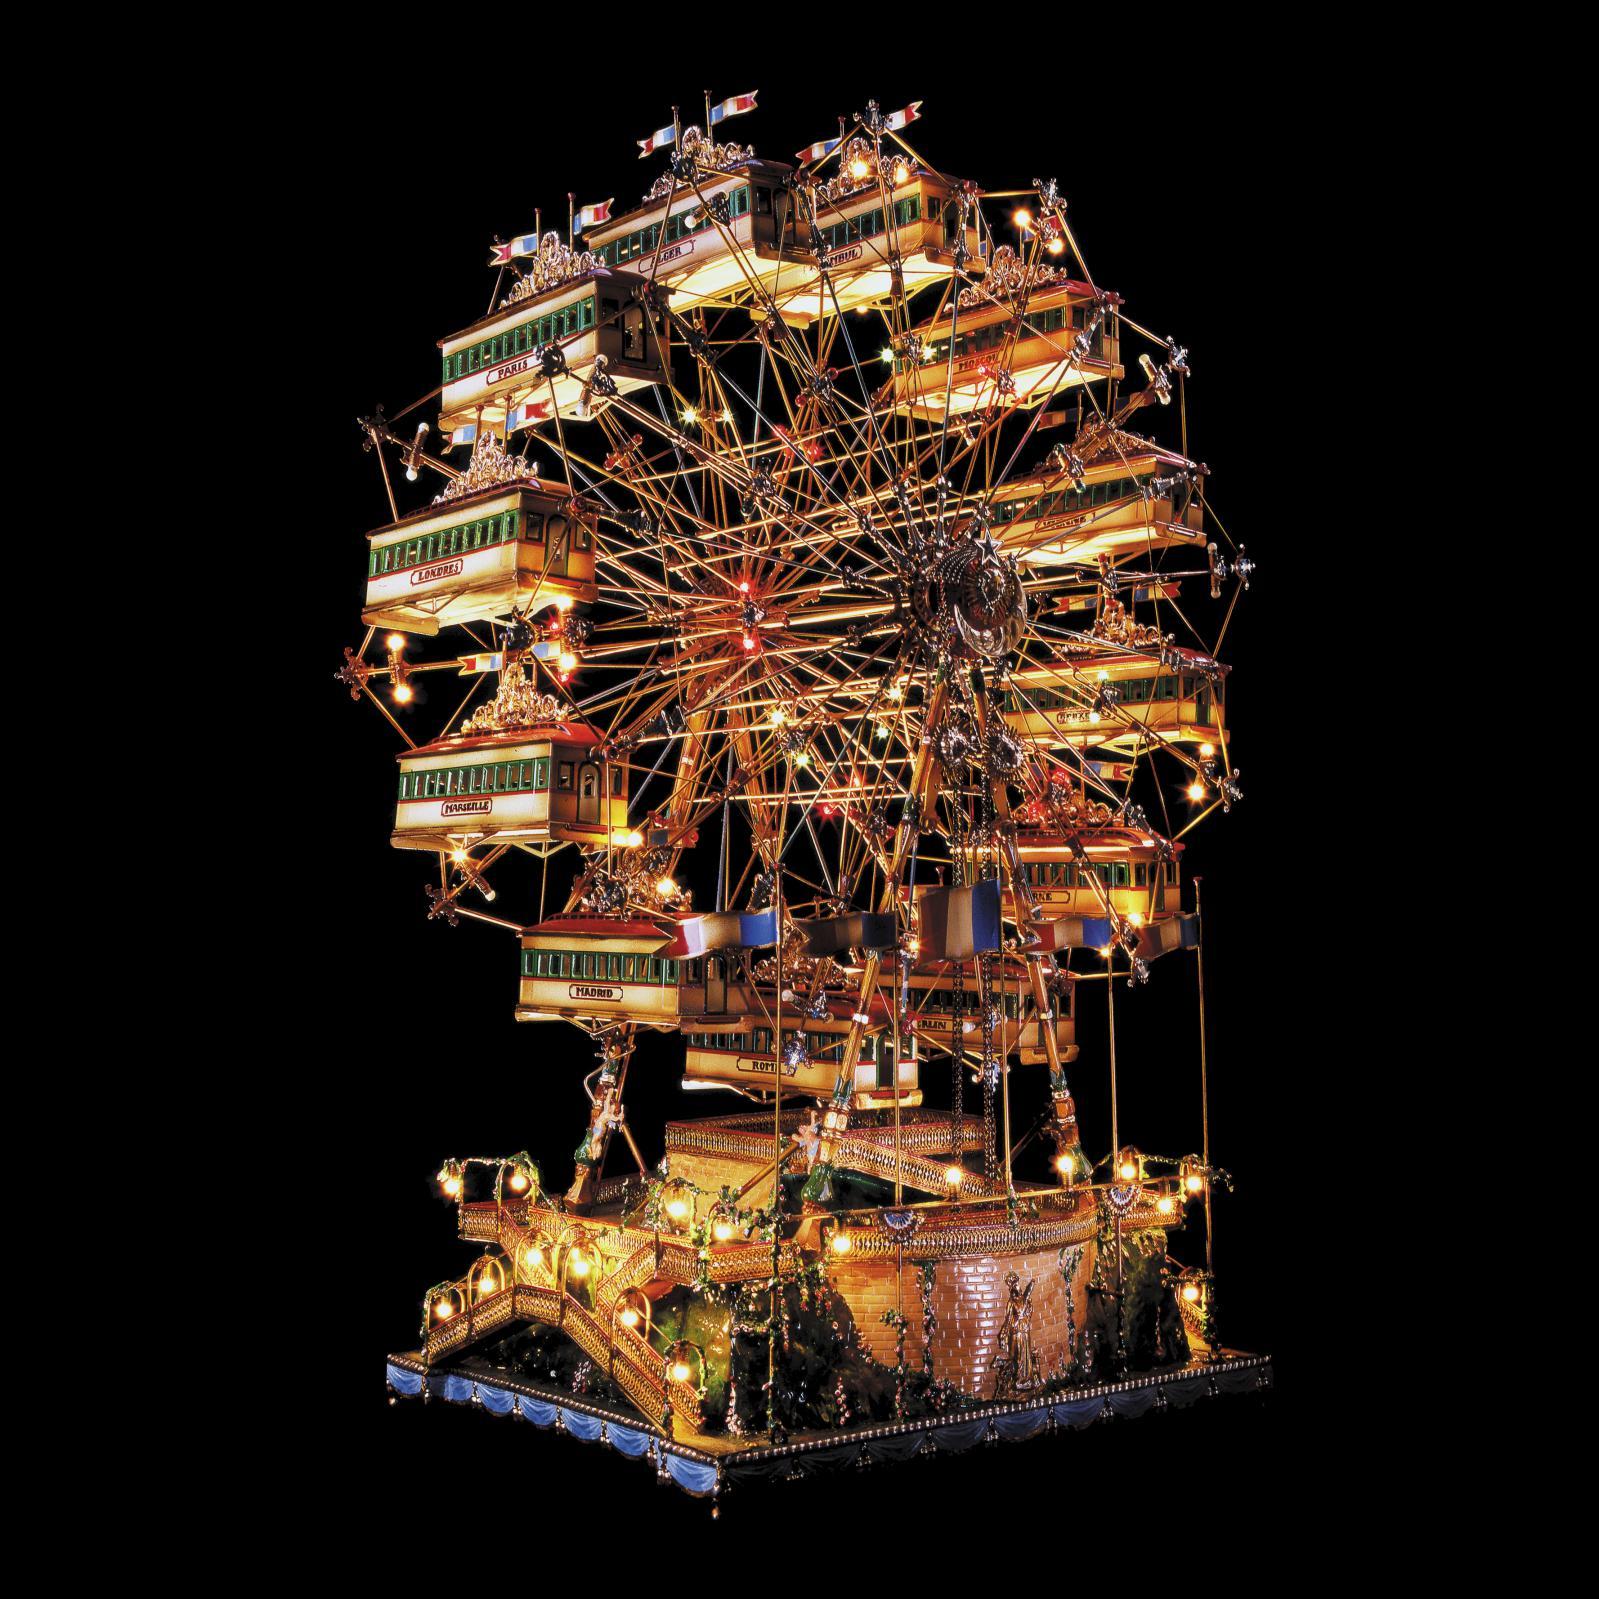 La grande roue des capitales(h. 88 cm), fabriquée en bronze,laiton et tôle d'acier par Jean-Pierre Hartmann en 1986, est éclairéede 130